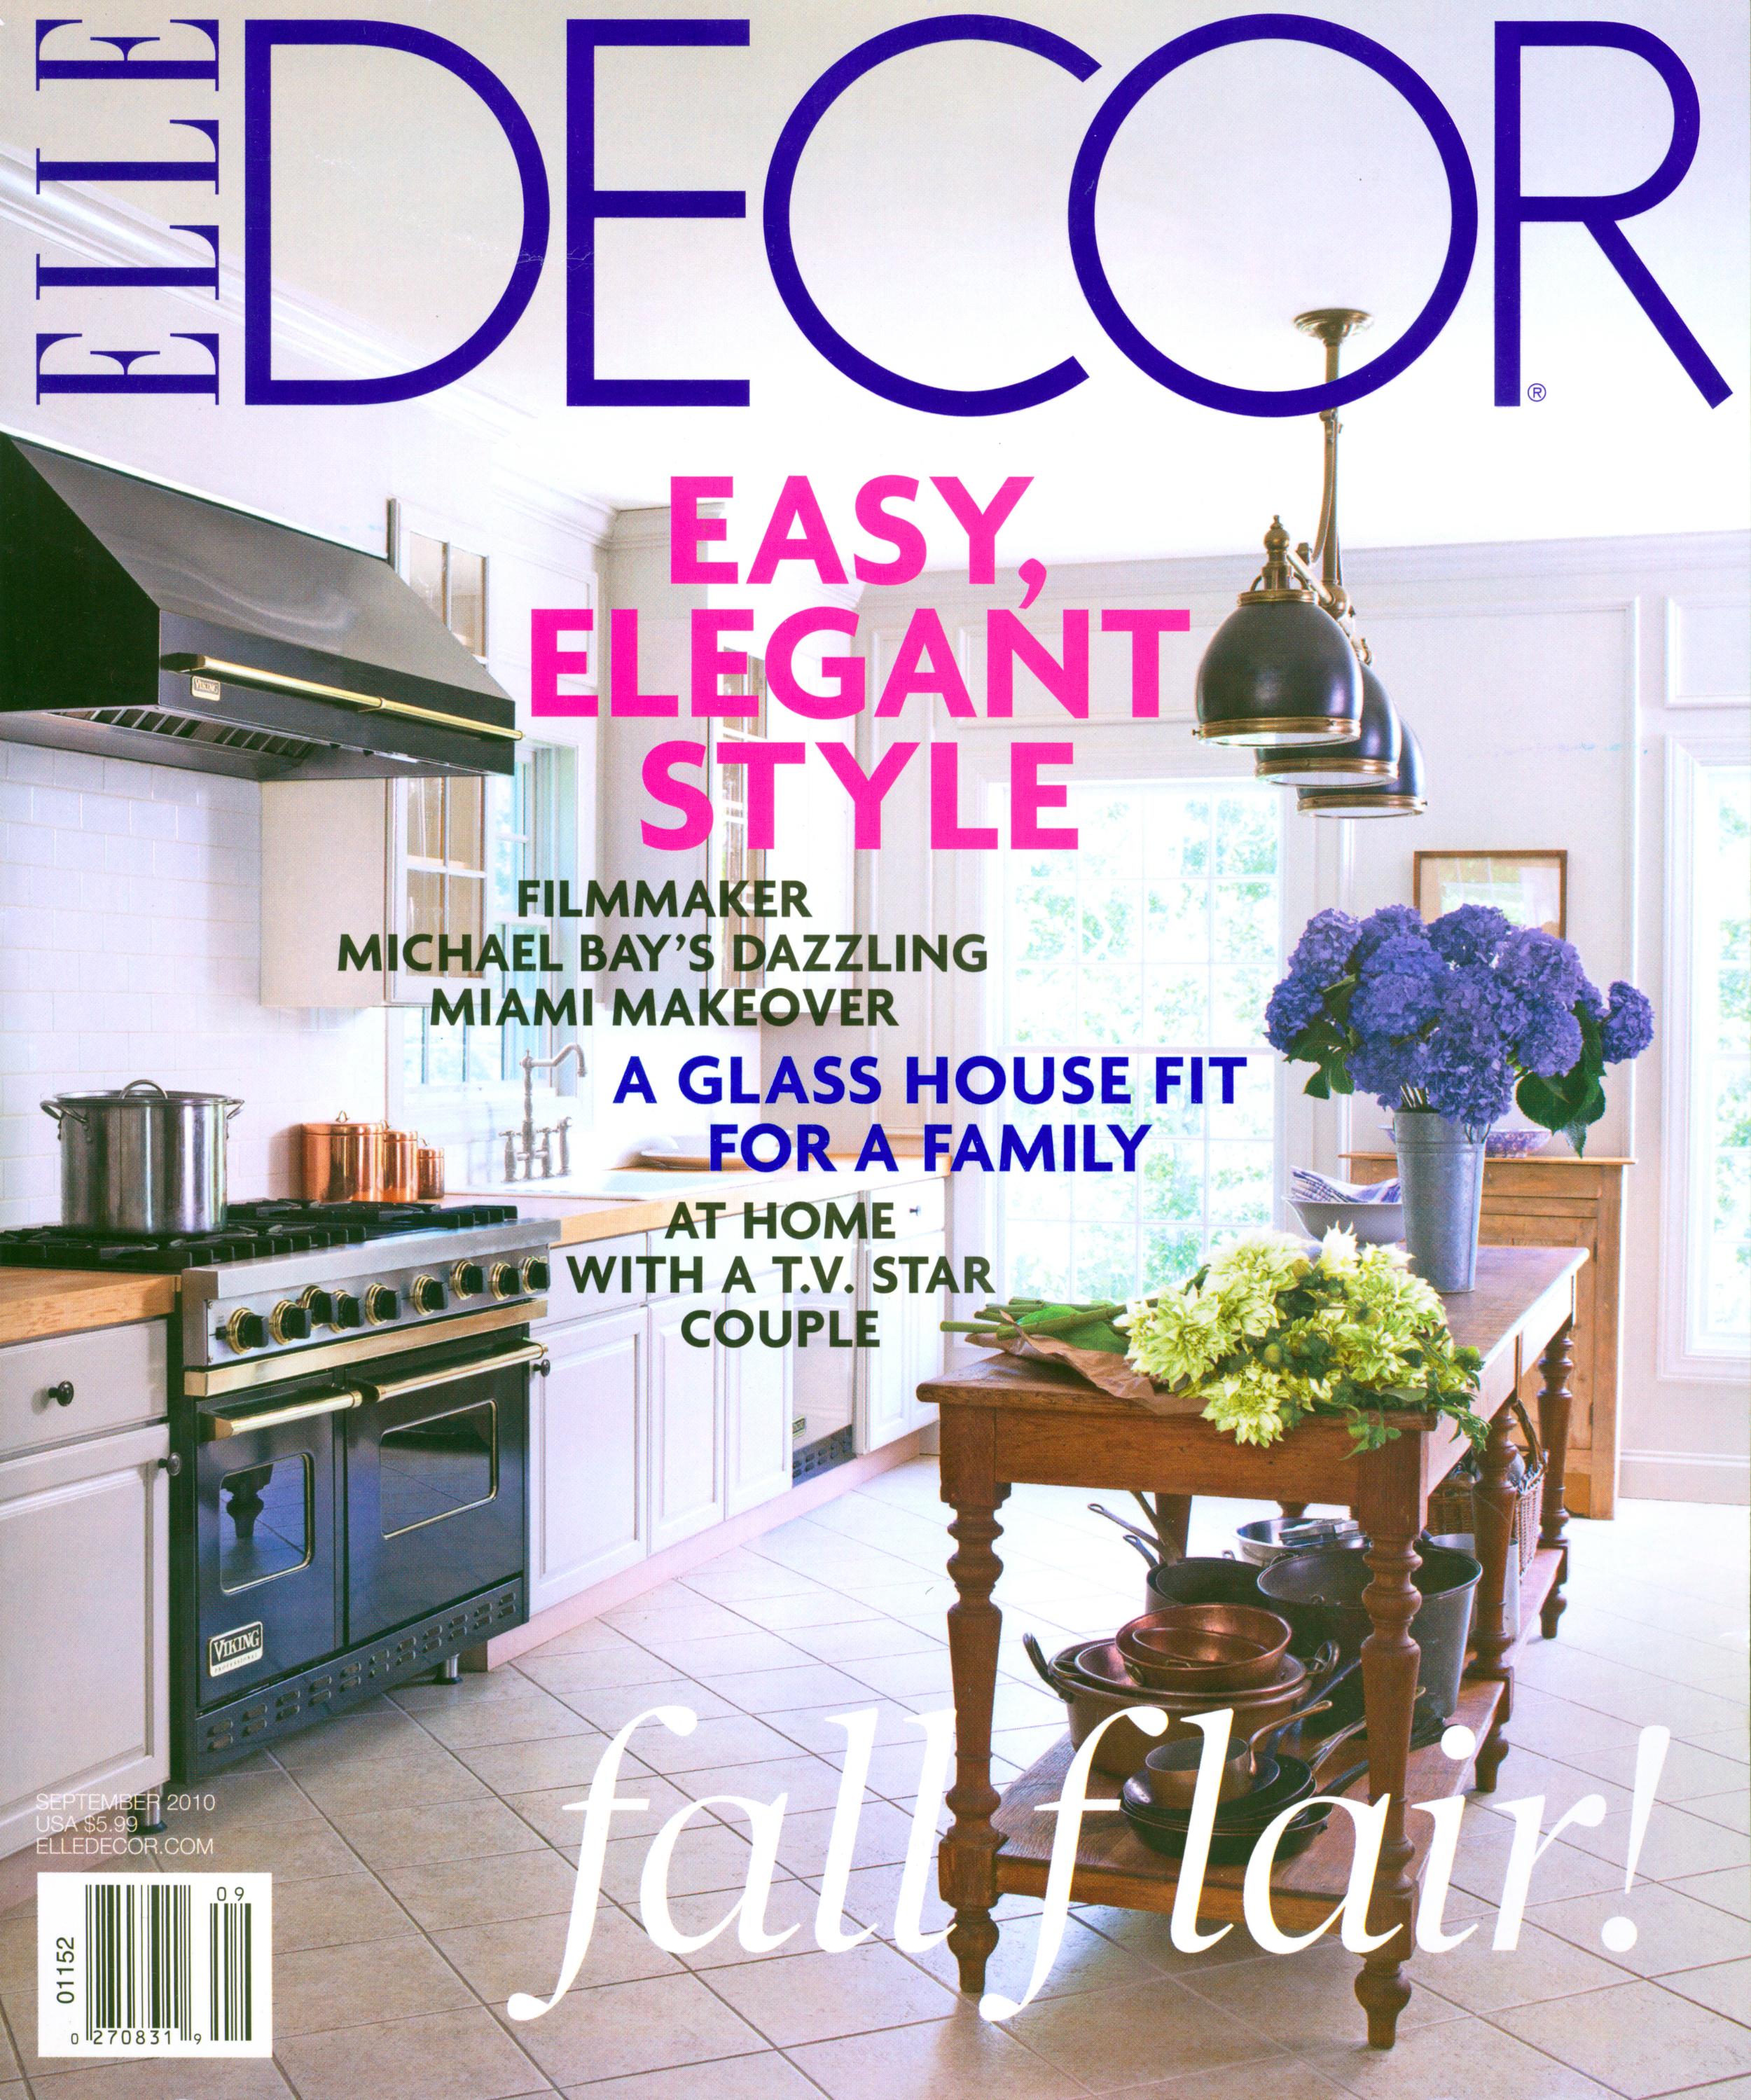 Elle Decor September 2010